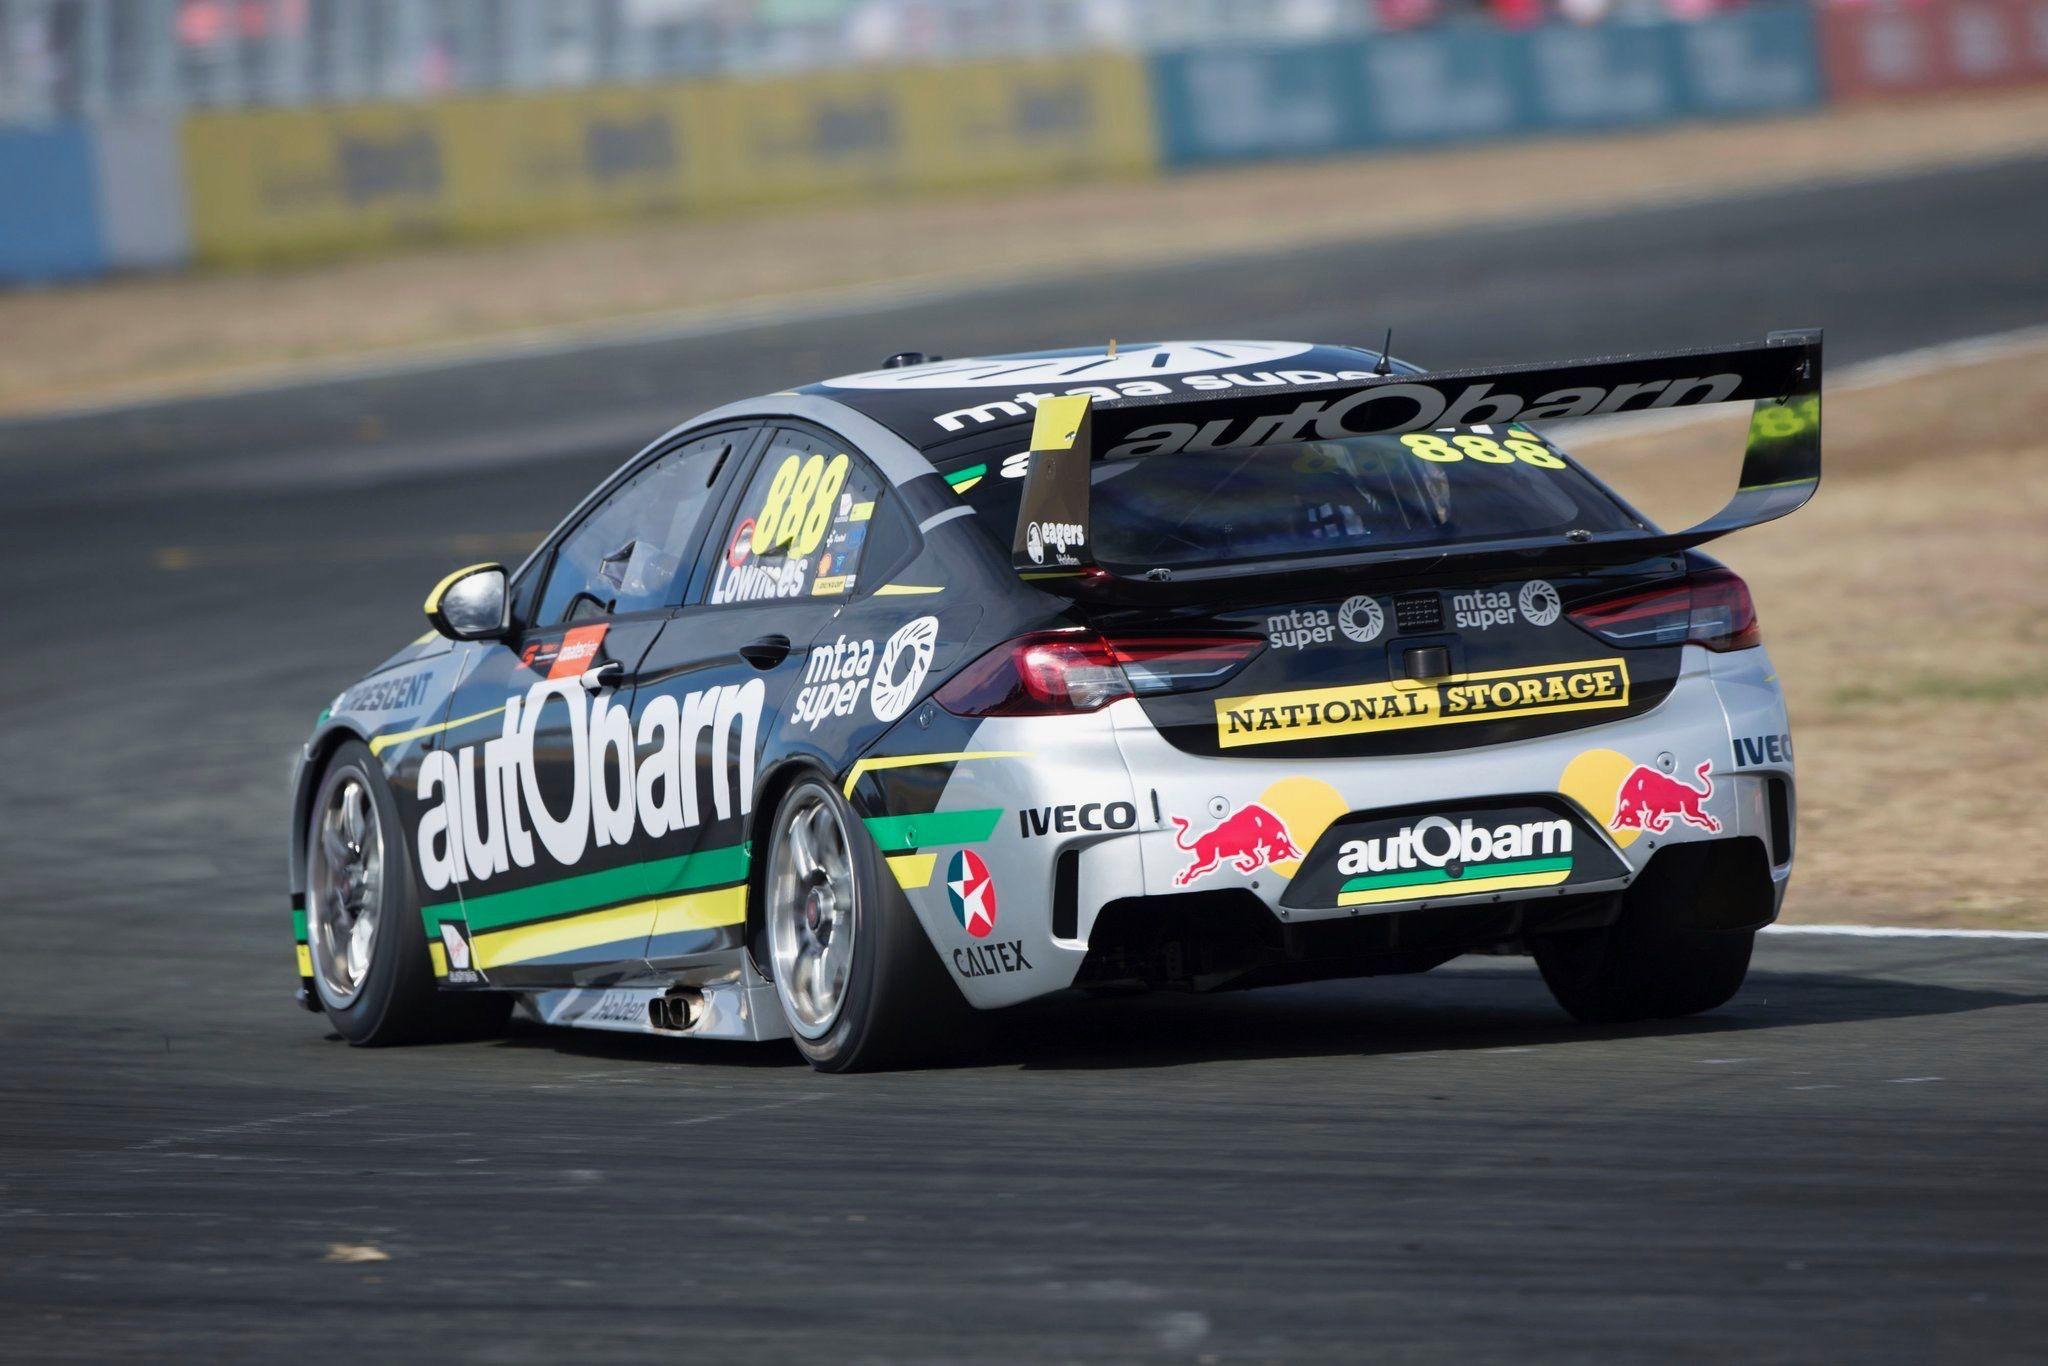 Pin By Joseph Vasquez On Race Car Liveries Australian V8 Supercars Holden Australia V8 Supercars